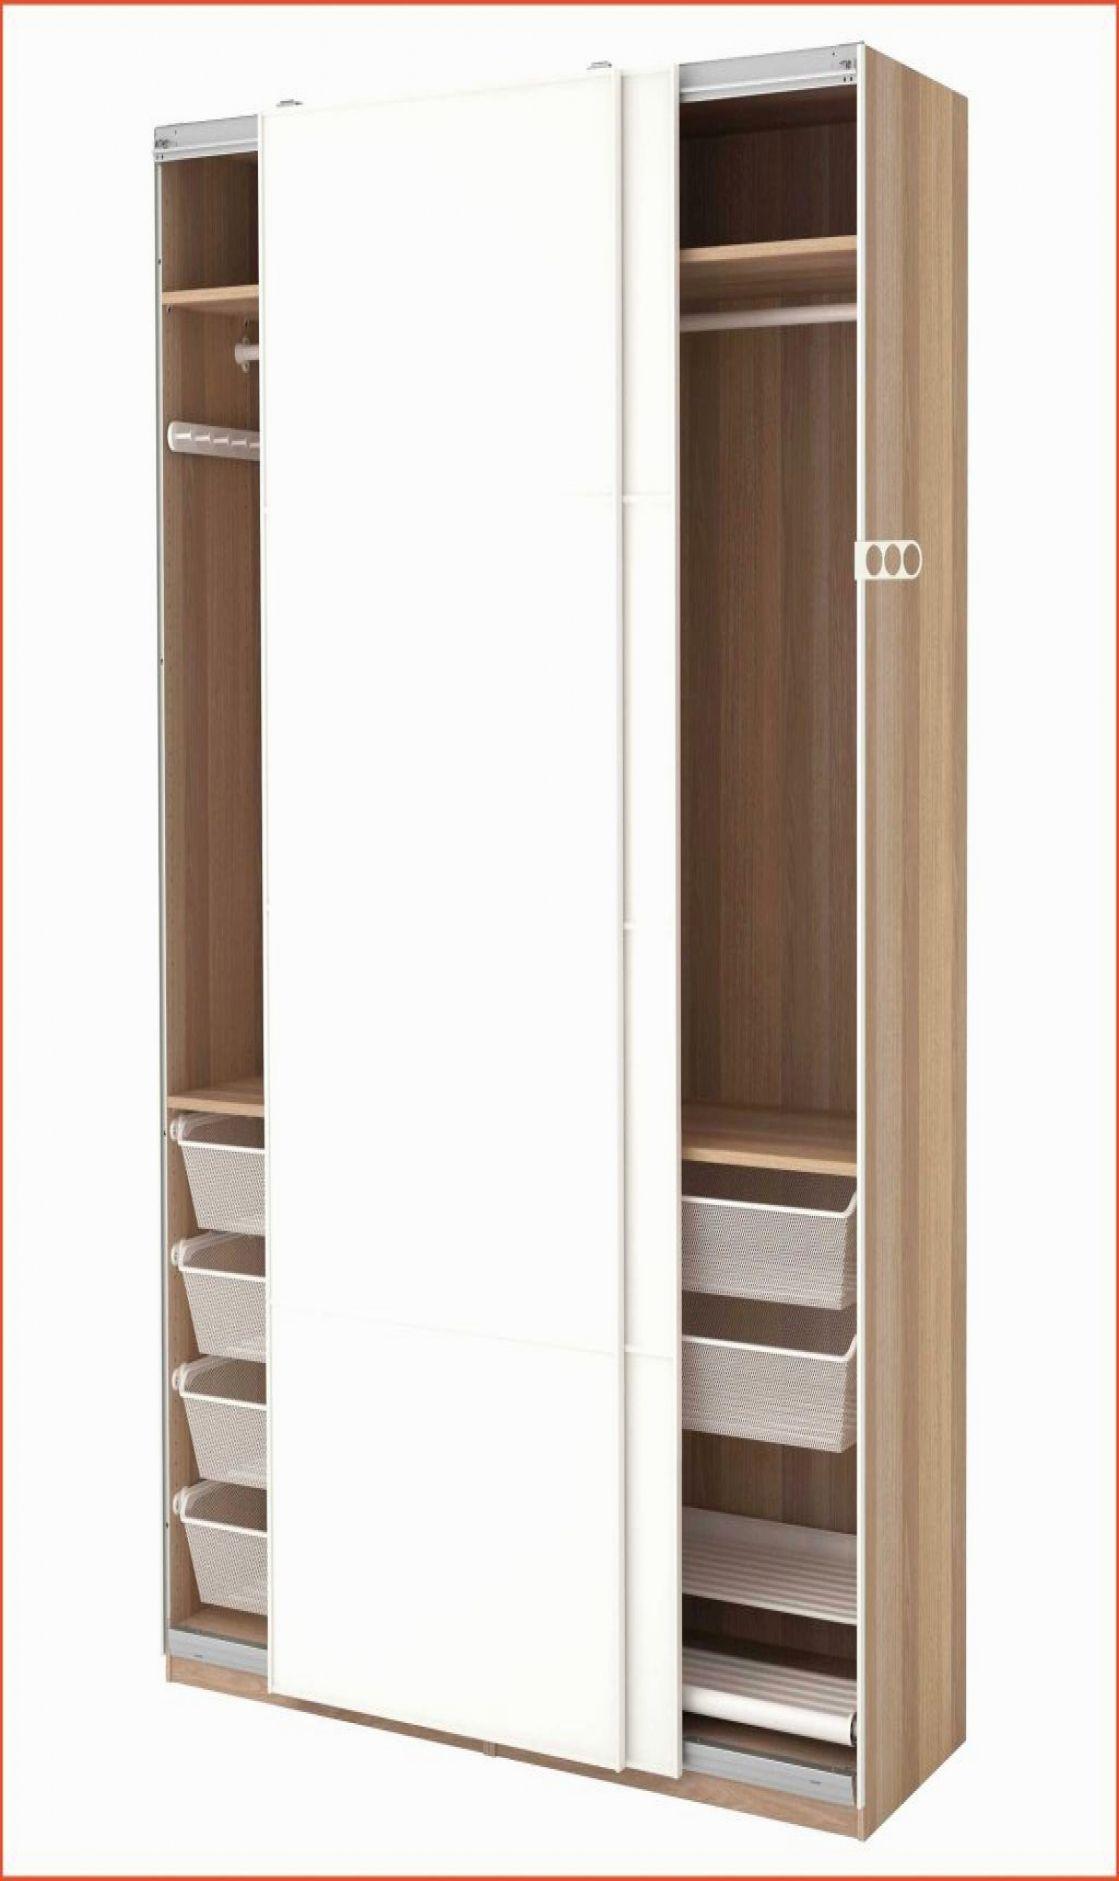 21 Luxus Pax Schrank Konfigurieren In 2020 Ikea Schrank Ikea Kleiderschrank Schrank Konfigurieren